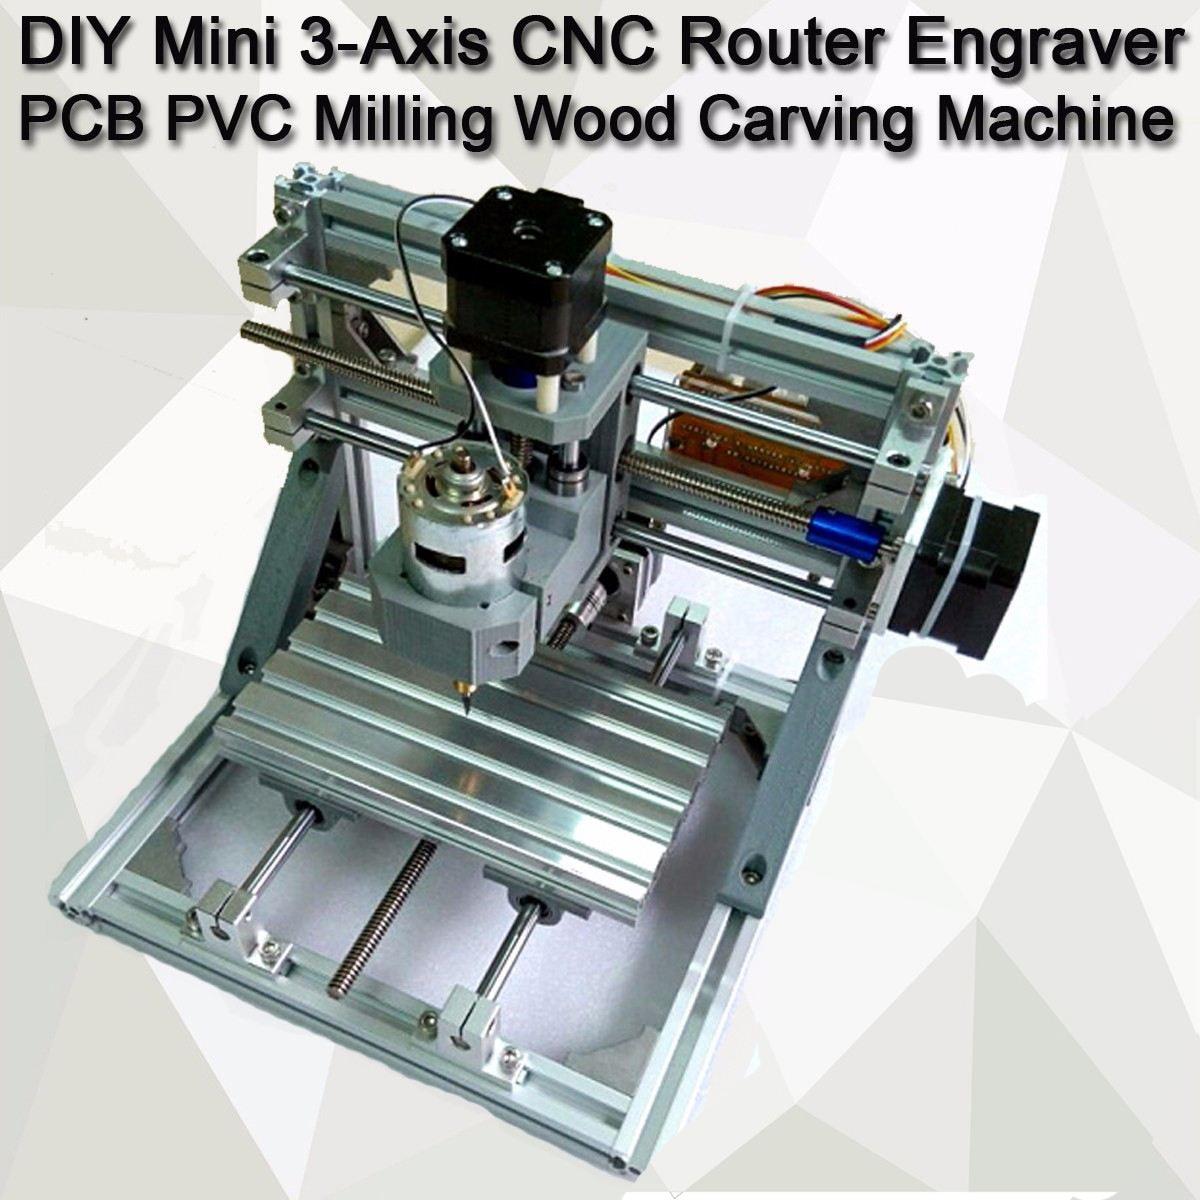 Controllo CNC 1610 GRBL Fai Da Te mini Router A 3 Assi CNC macchina Incisore PCB PVC Fresatura Macchina Sculture In Legno area di lavoro 16x10.5x3 cm